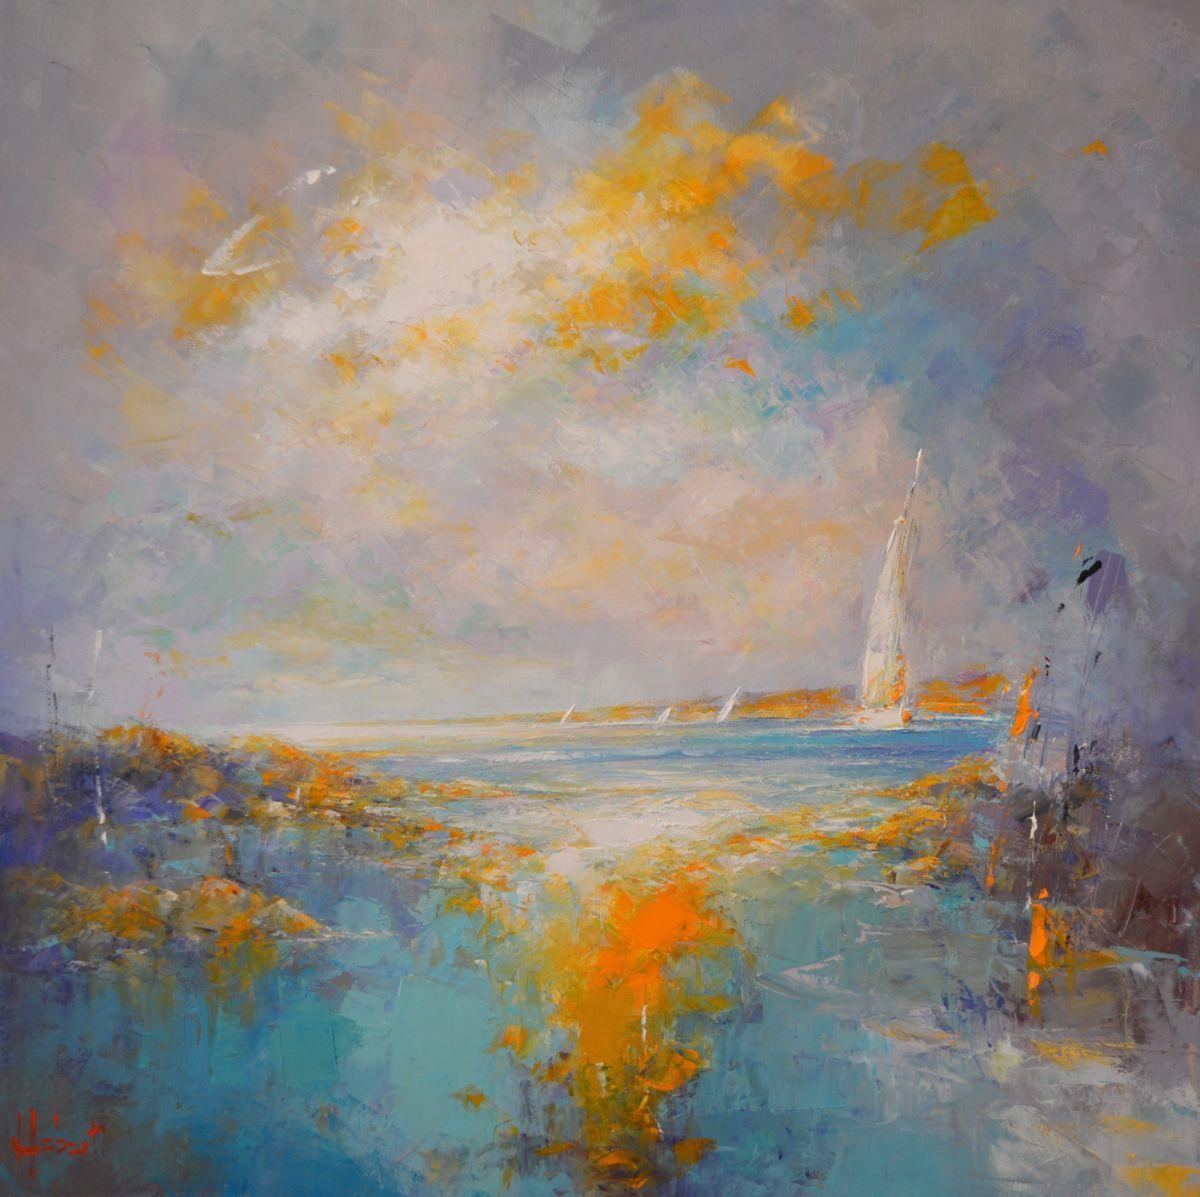 Au Large Painting 70x70 Cm C 2016 By Franck Hebert Painting Art Seascape Paintings